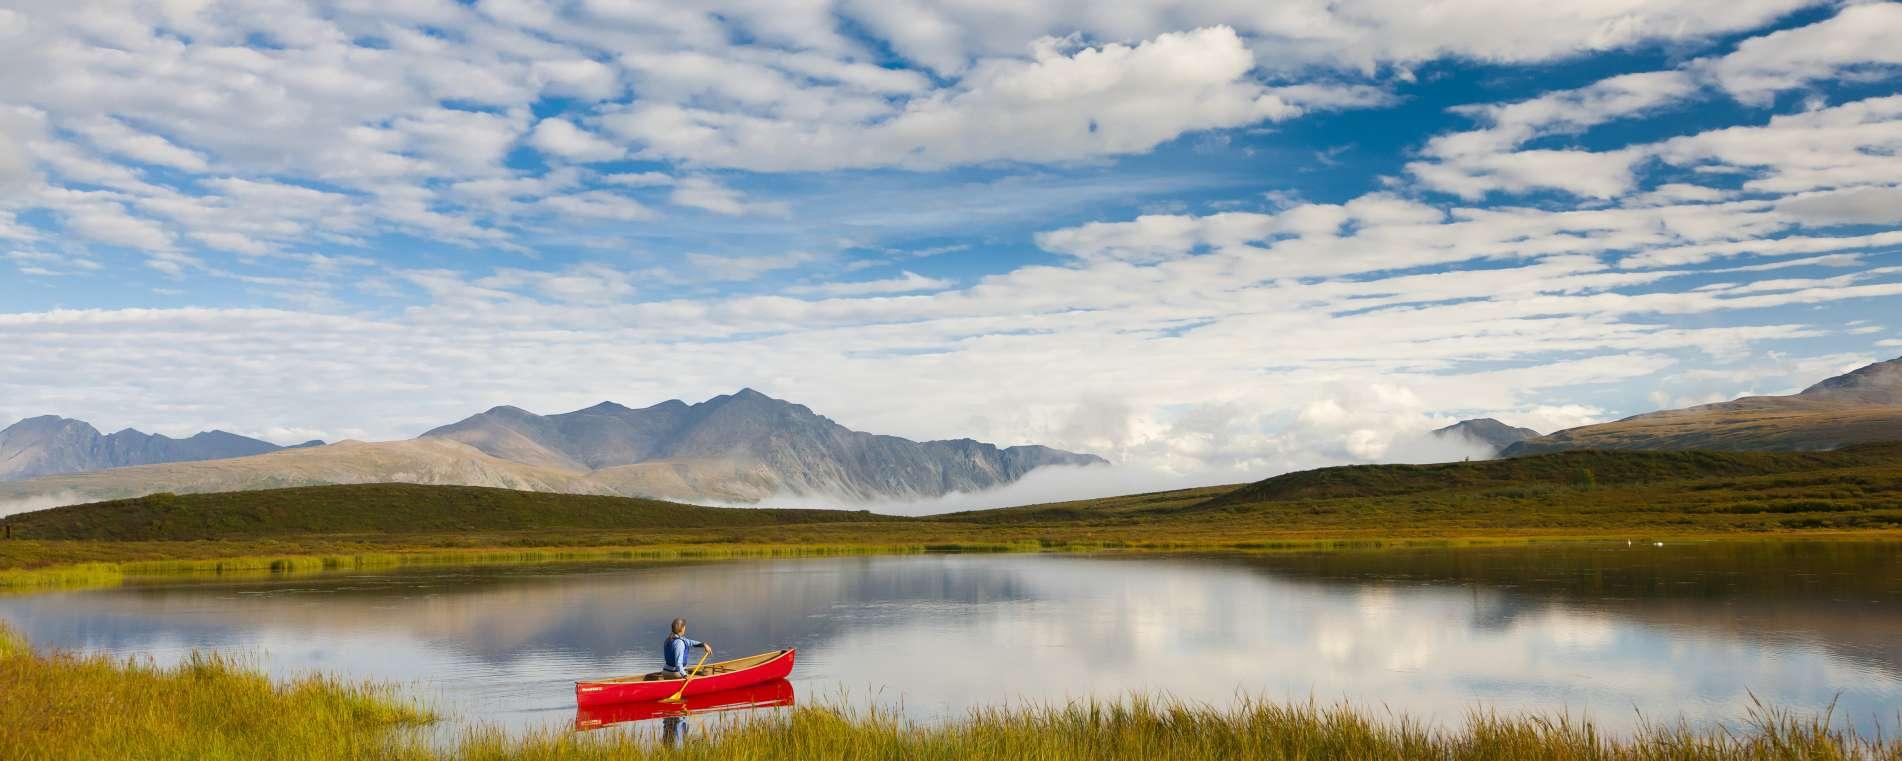 Explore Fairbanks Alaska Aurora Borealis Midnight Sun - Where is fairbanks